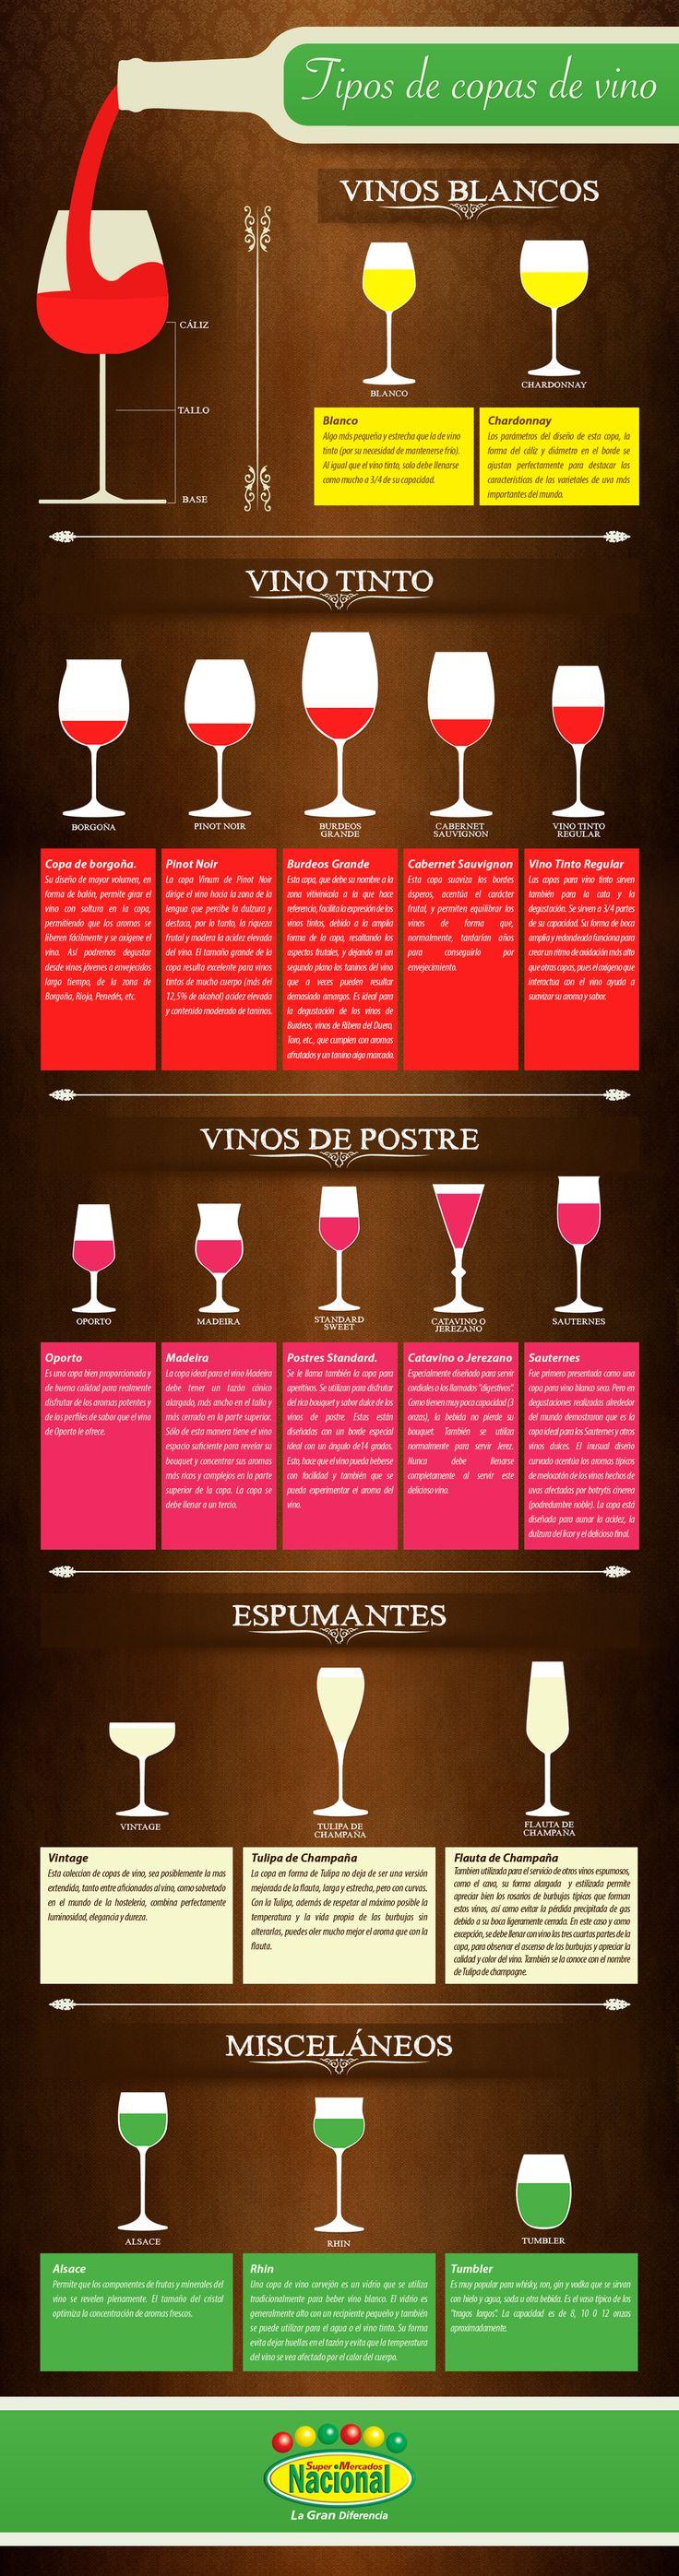 Conoce los tipos de copas de vinos.